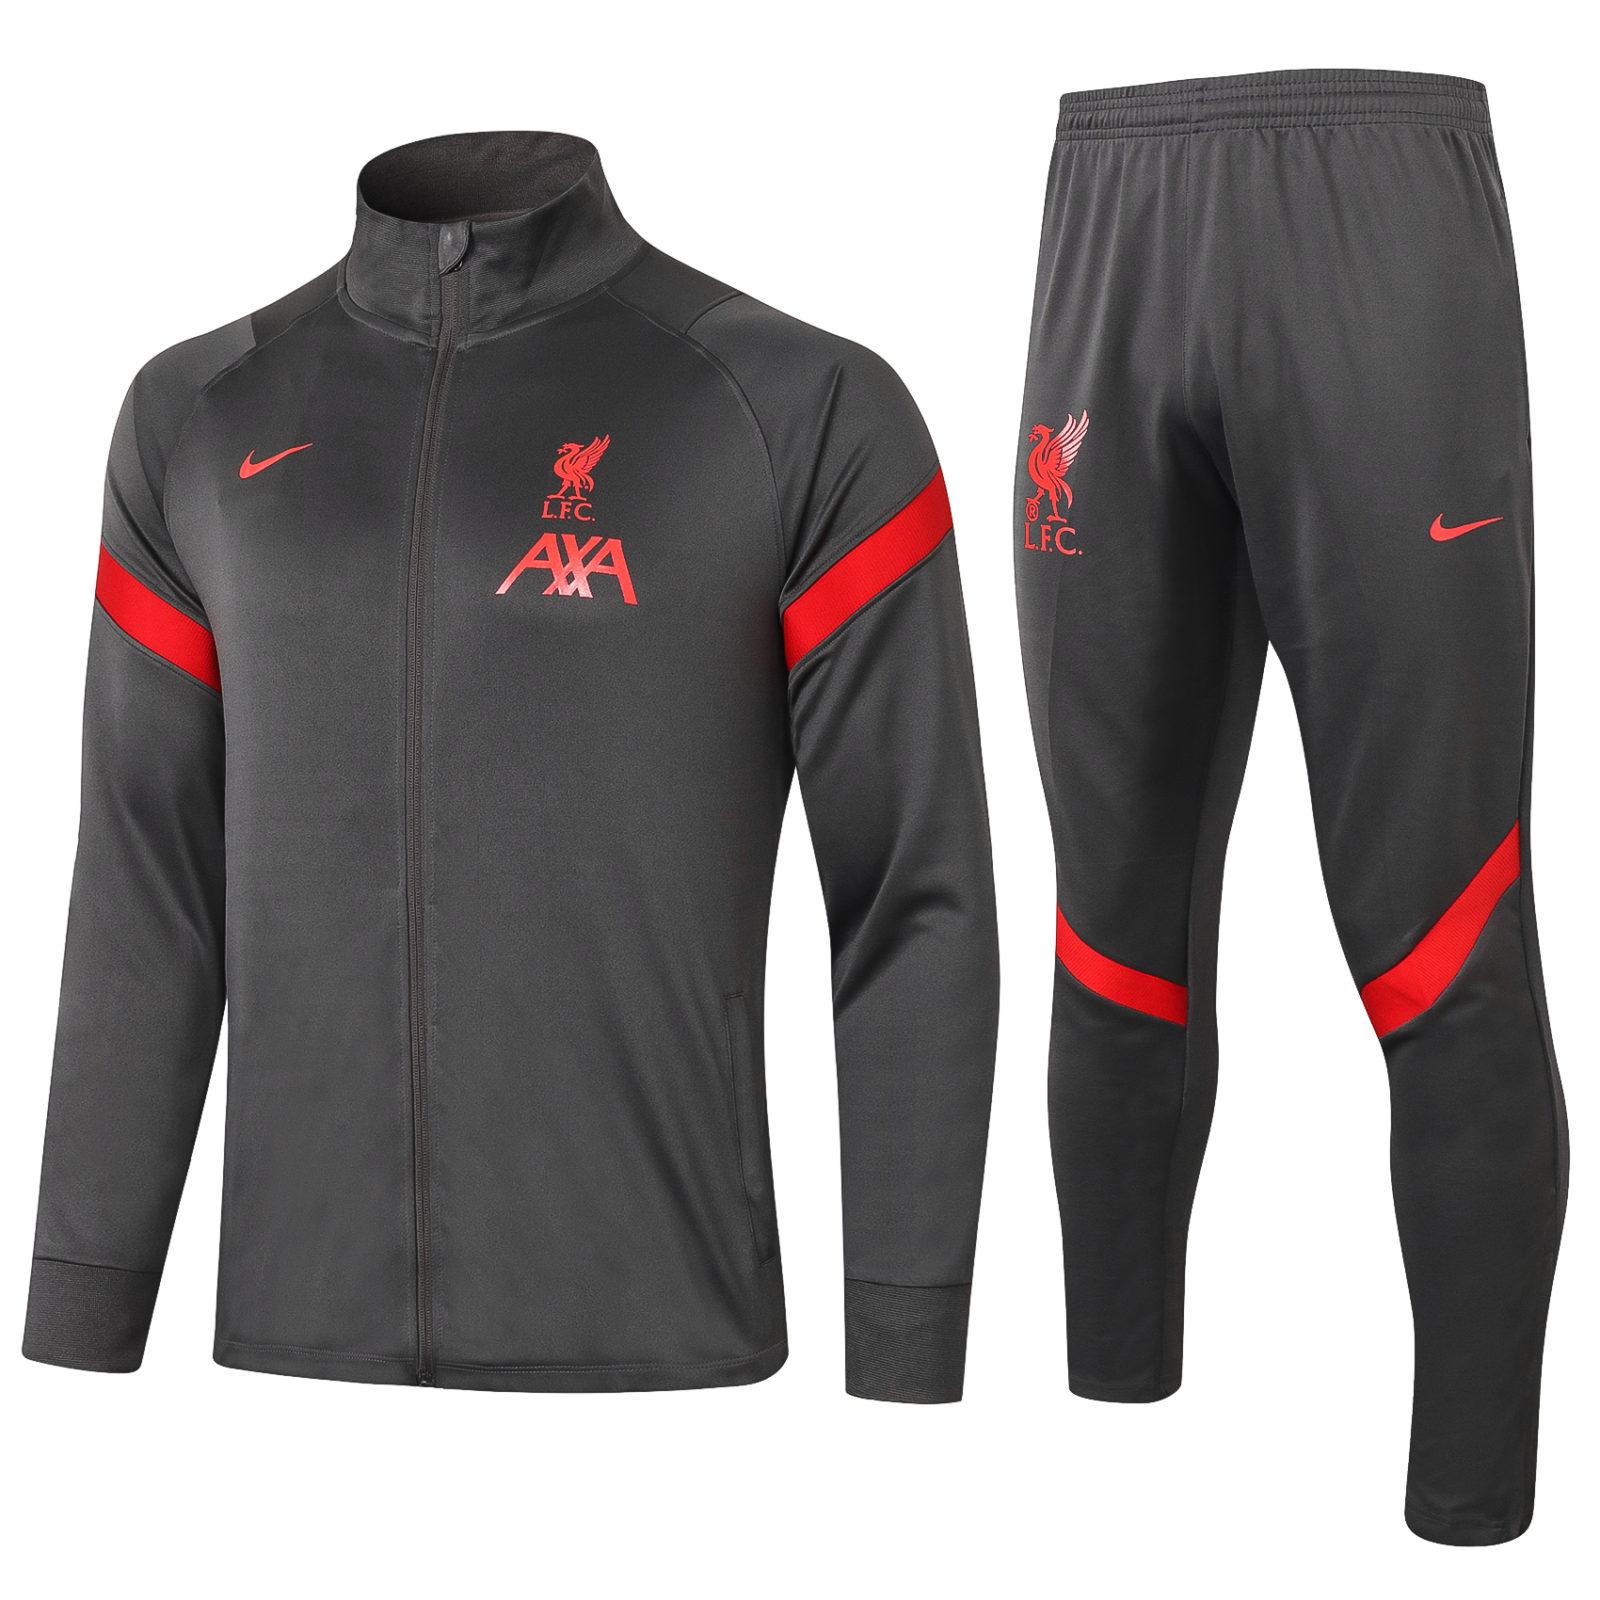 Спортивный костюм Ливерпуля сезон 2020-2021 арт.56004 черный